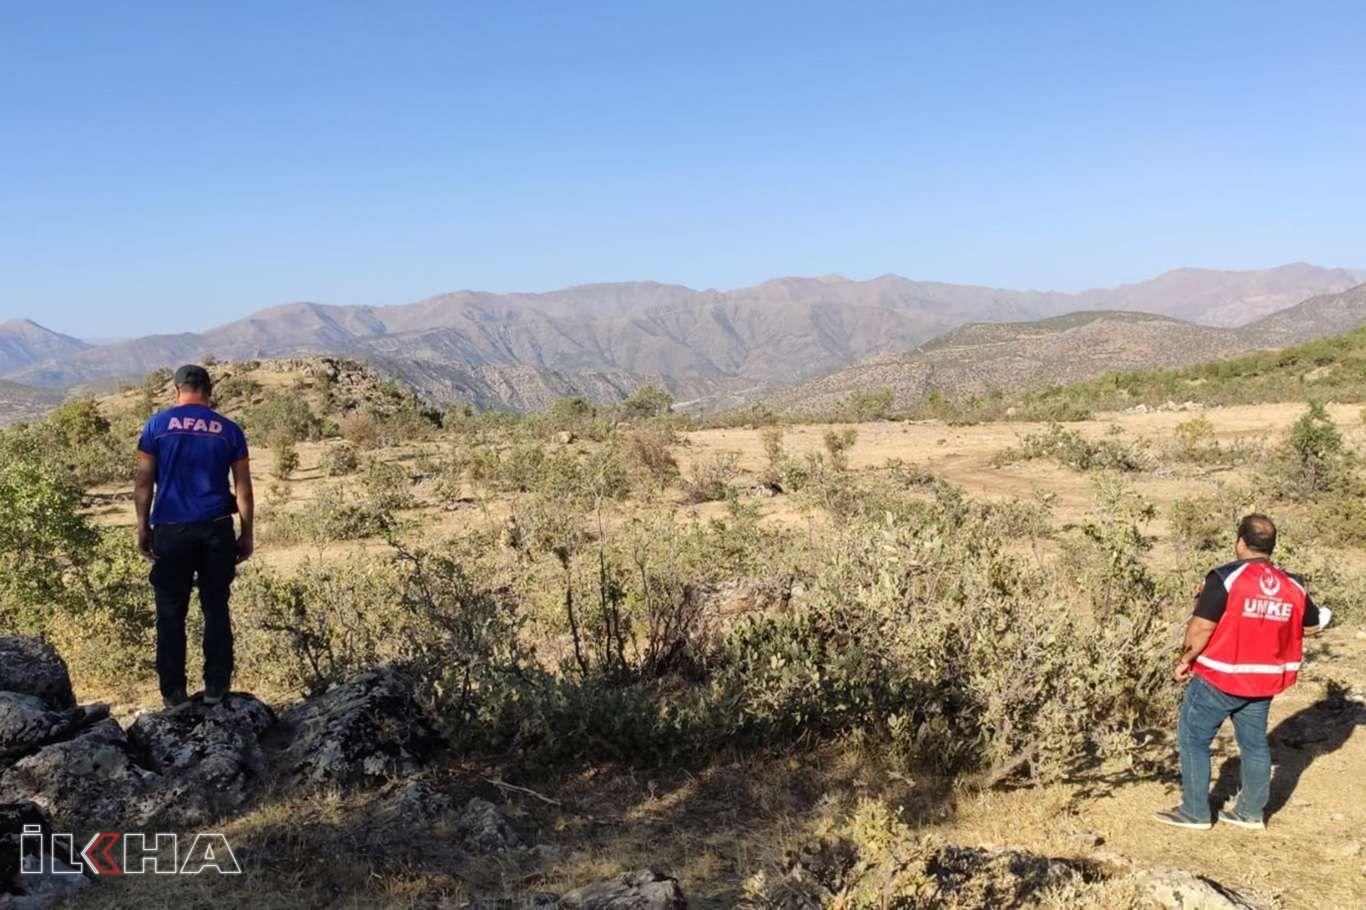 Siirt'te kaybolan 14 yaşındaki çobandan haber alınamıyor